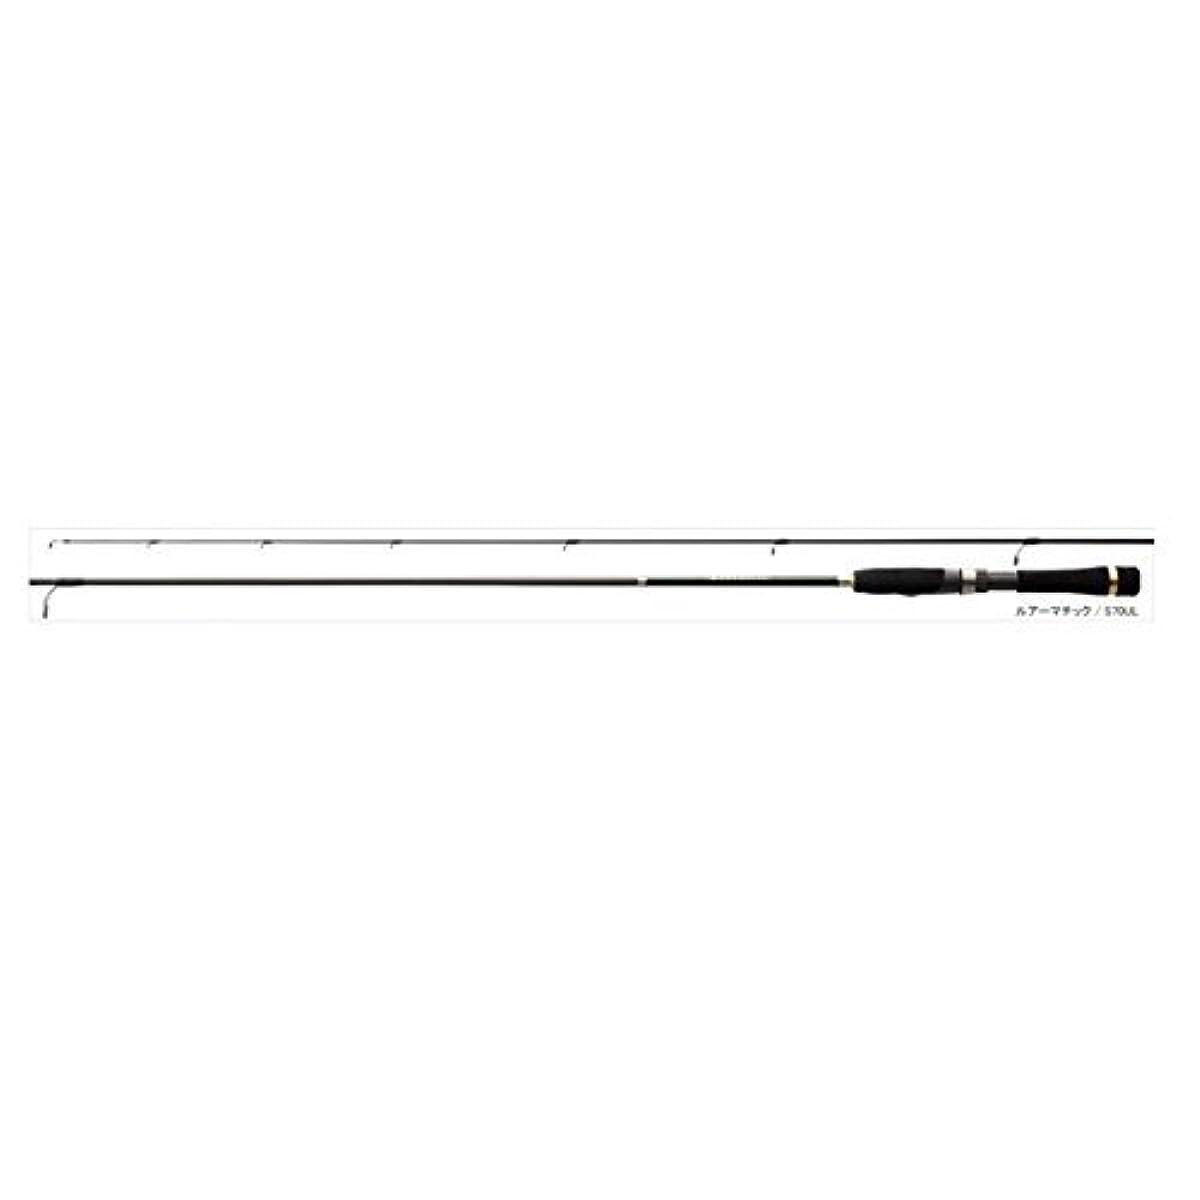 [해외] 시마노 스피닝 로드 루어 매틱 S56SUL 5.6피트